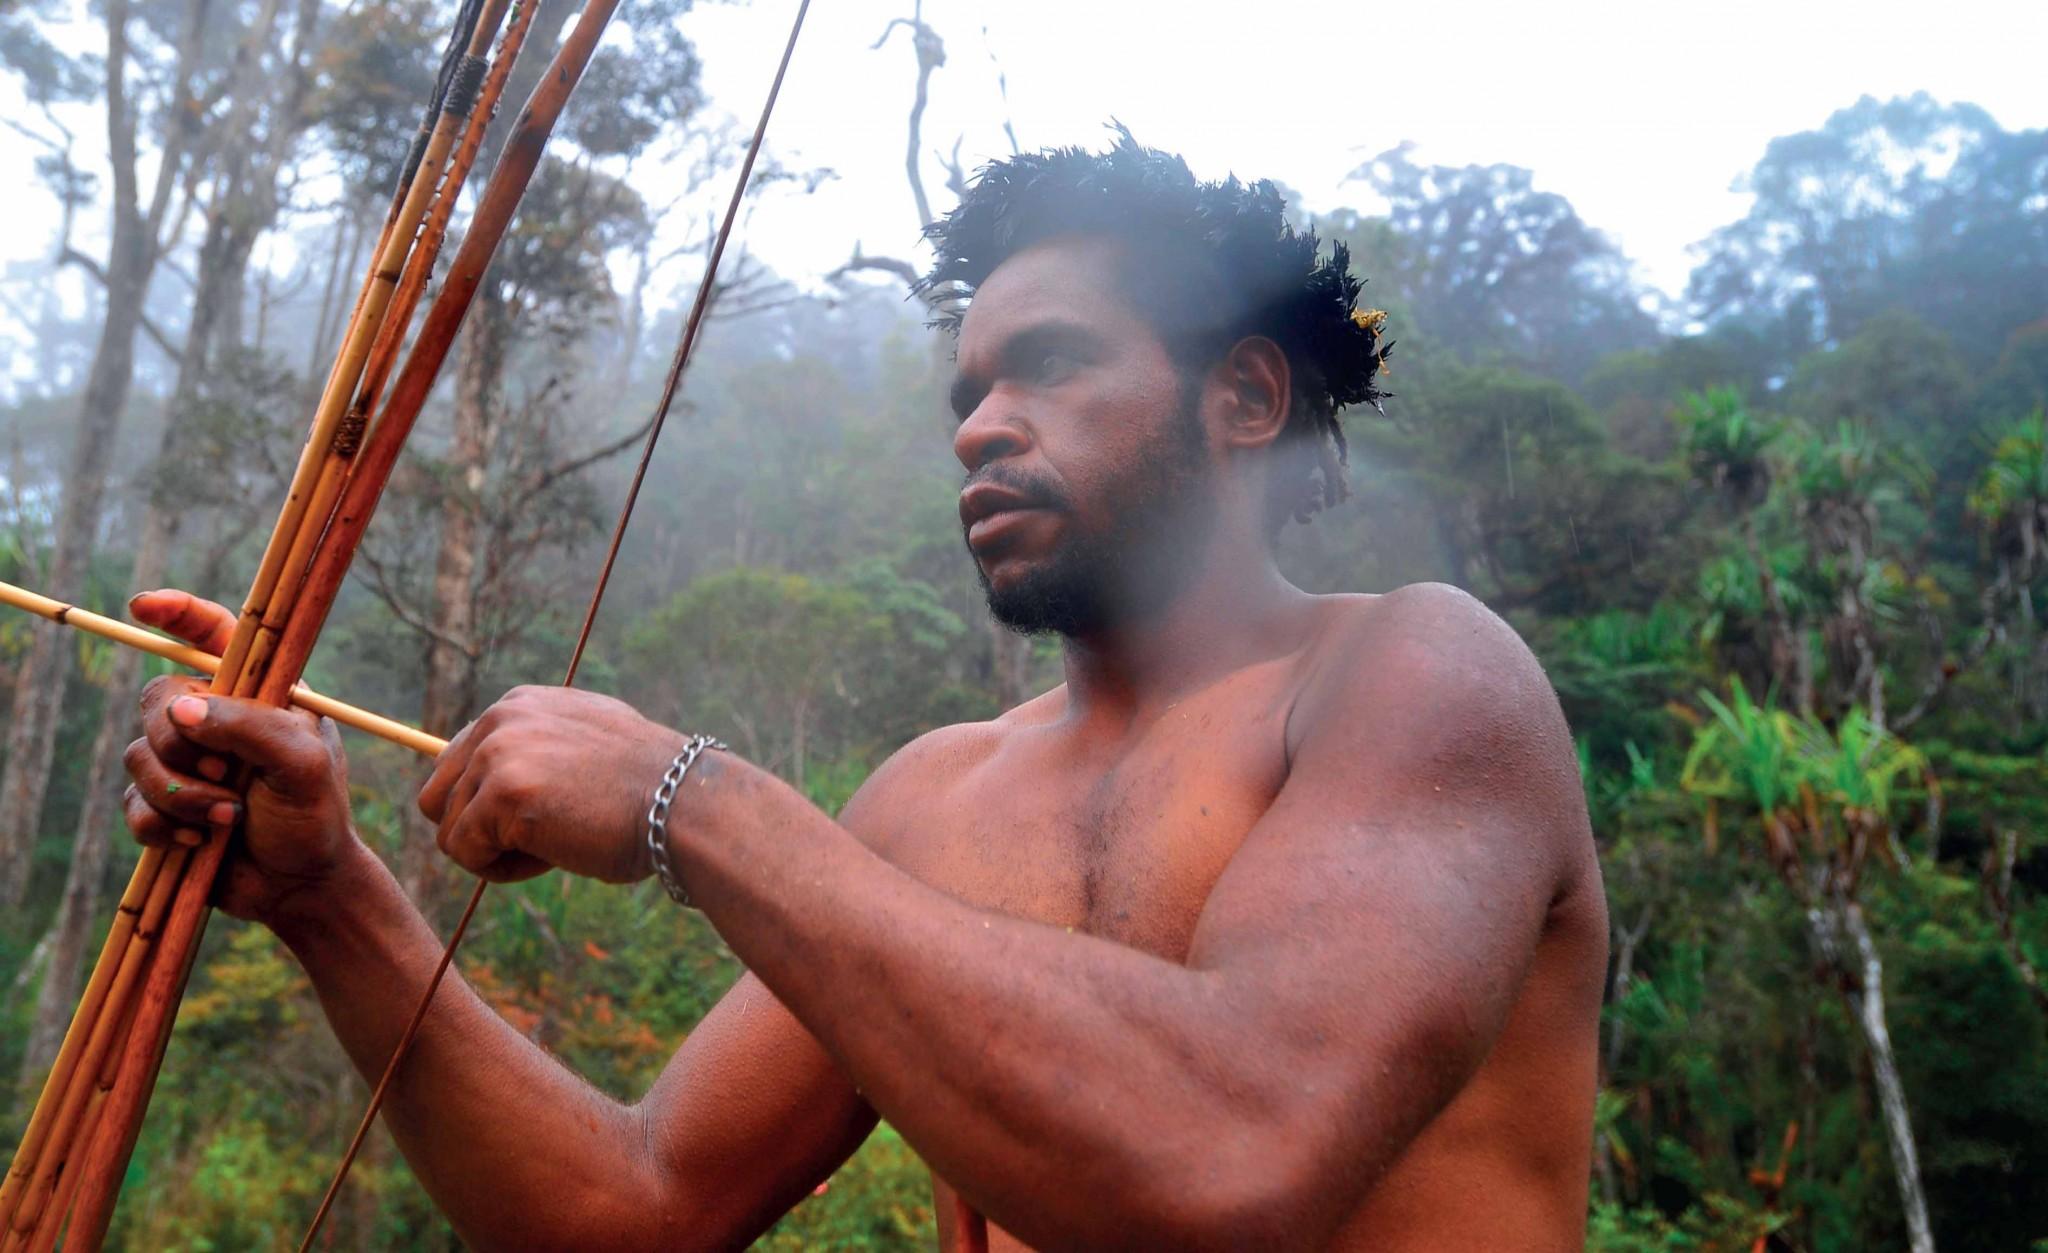 Đàn ông Dani – một bộ tộc từng có tập tục ăn thịt người nổi tiếng vùng thung lũng Baliem